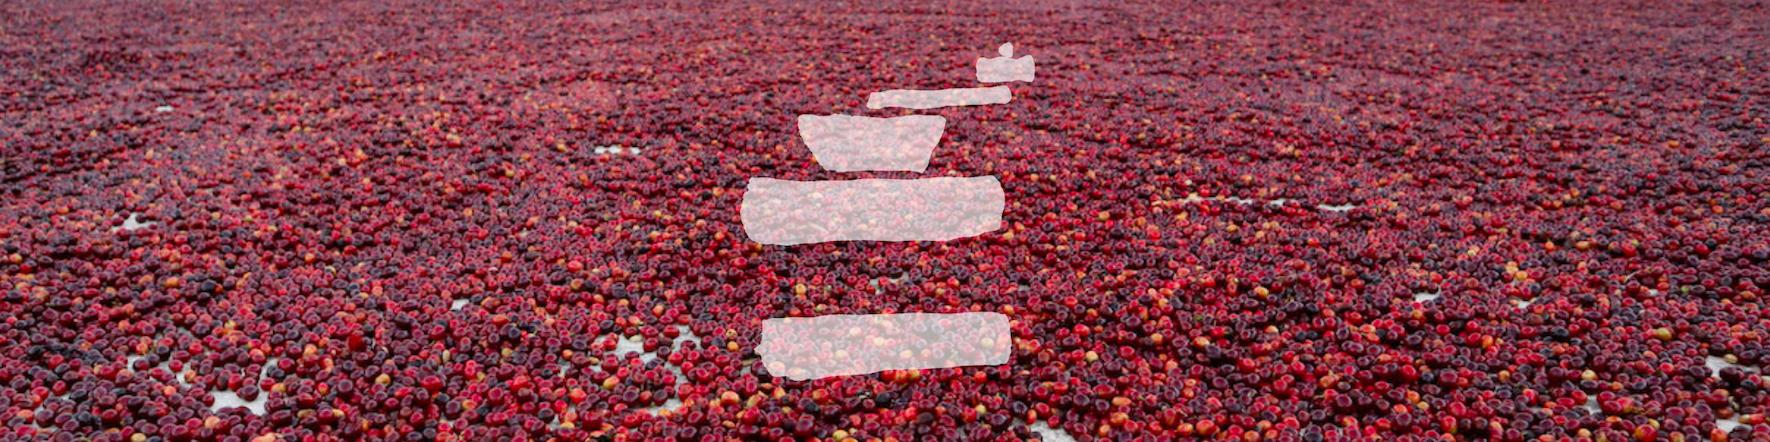 Kaffee Kirschen trocknen auf dem Hof. Das einfach mal Kaffee Logo ist als Wasserzeichen eingeblendet